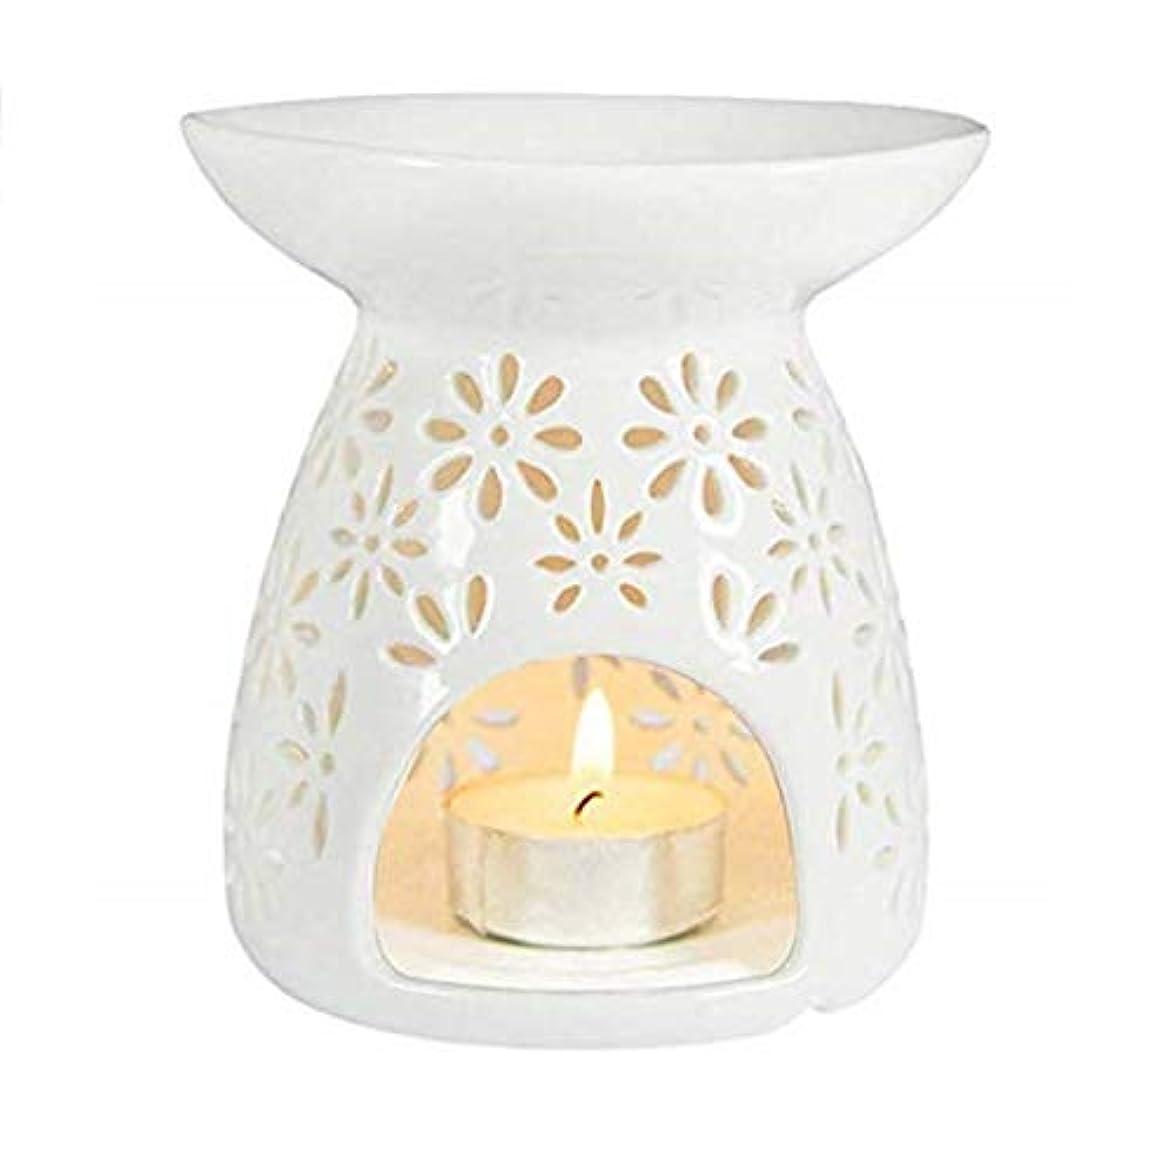 剃るインド最もシンプルモダン中空ラウンドセラミック香炉ホームフレグランスギフト装飾香ホルダーオイルバーナーティーライトホルダー (Color : White, サイズ : 3.74*3.93inchs)